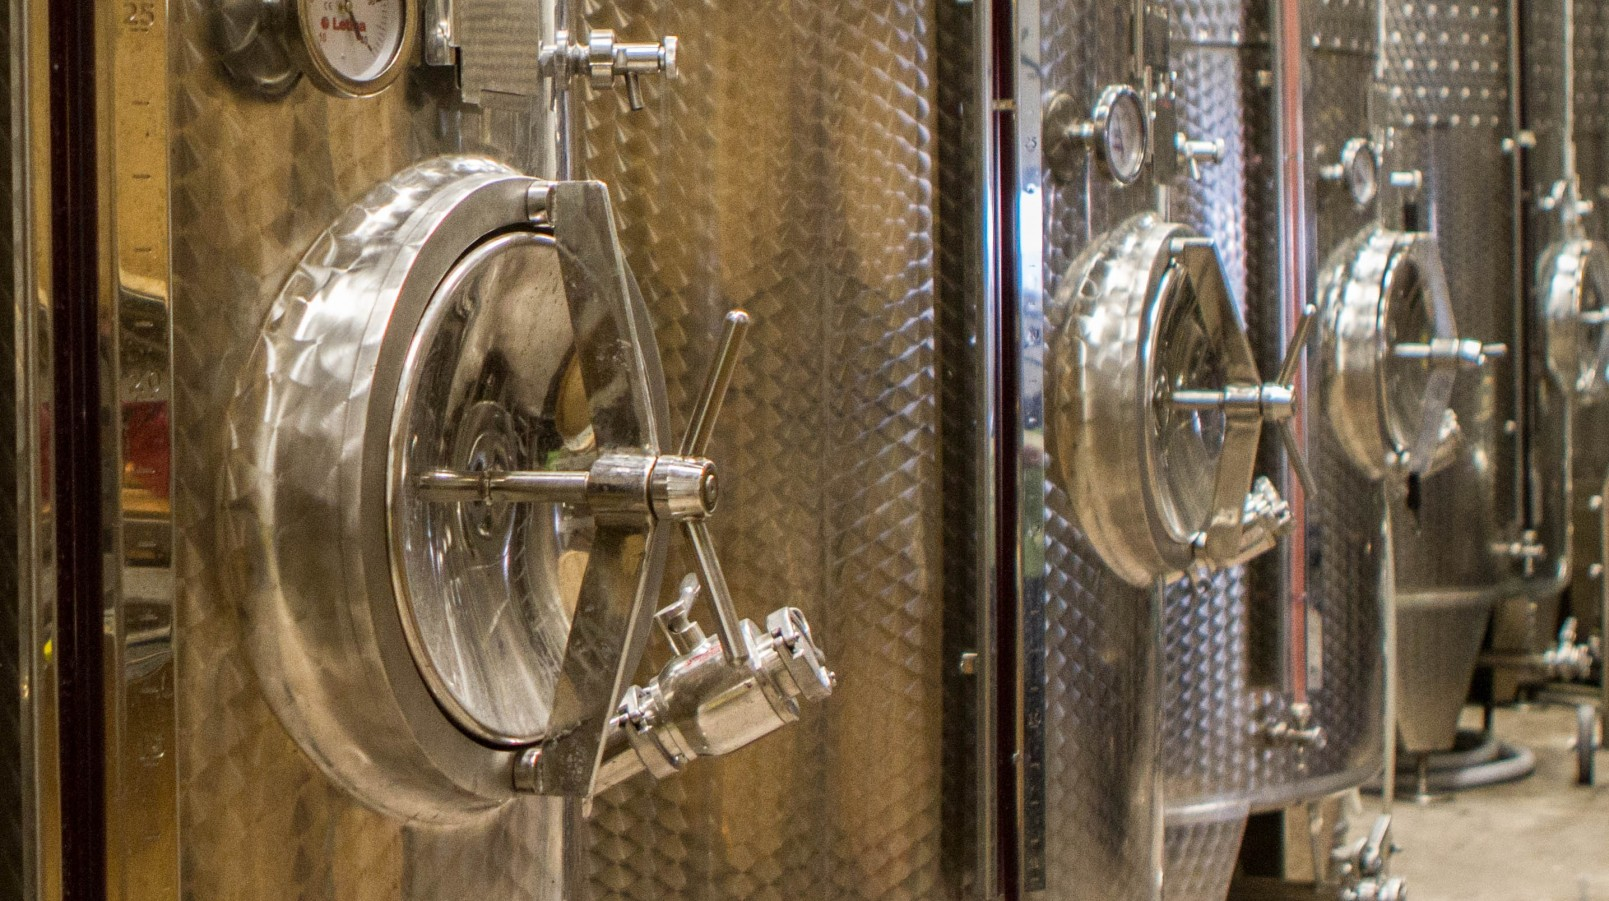 wine distilling vats